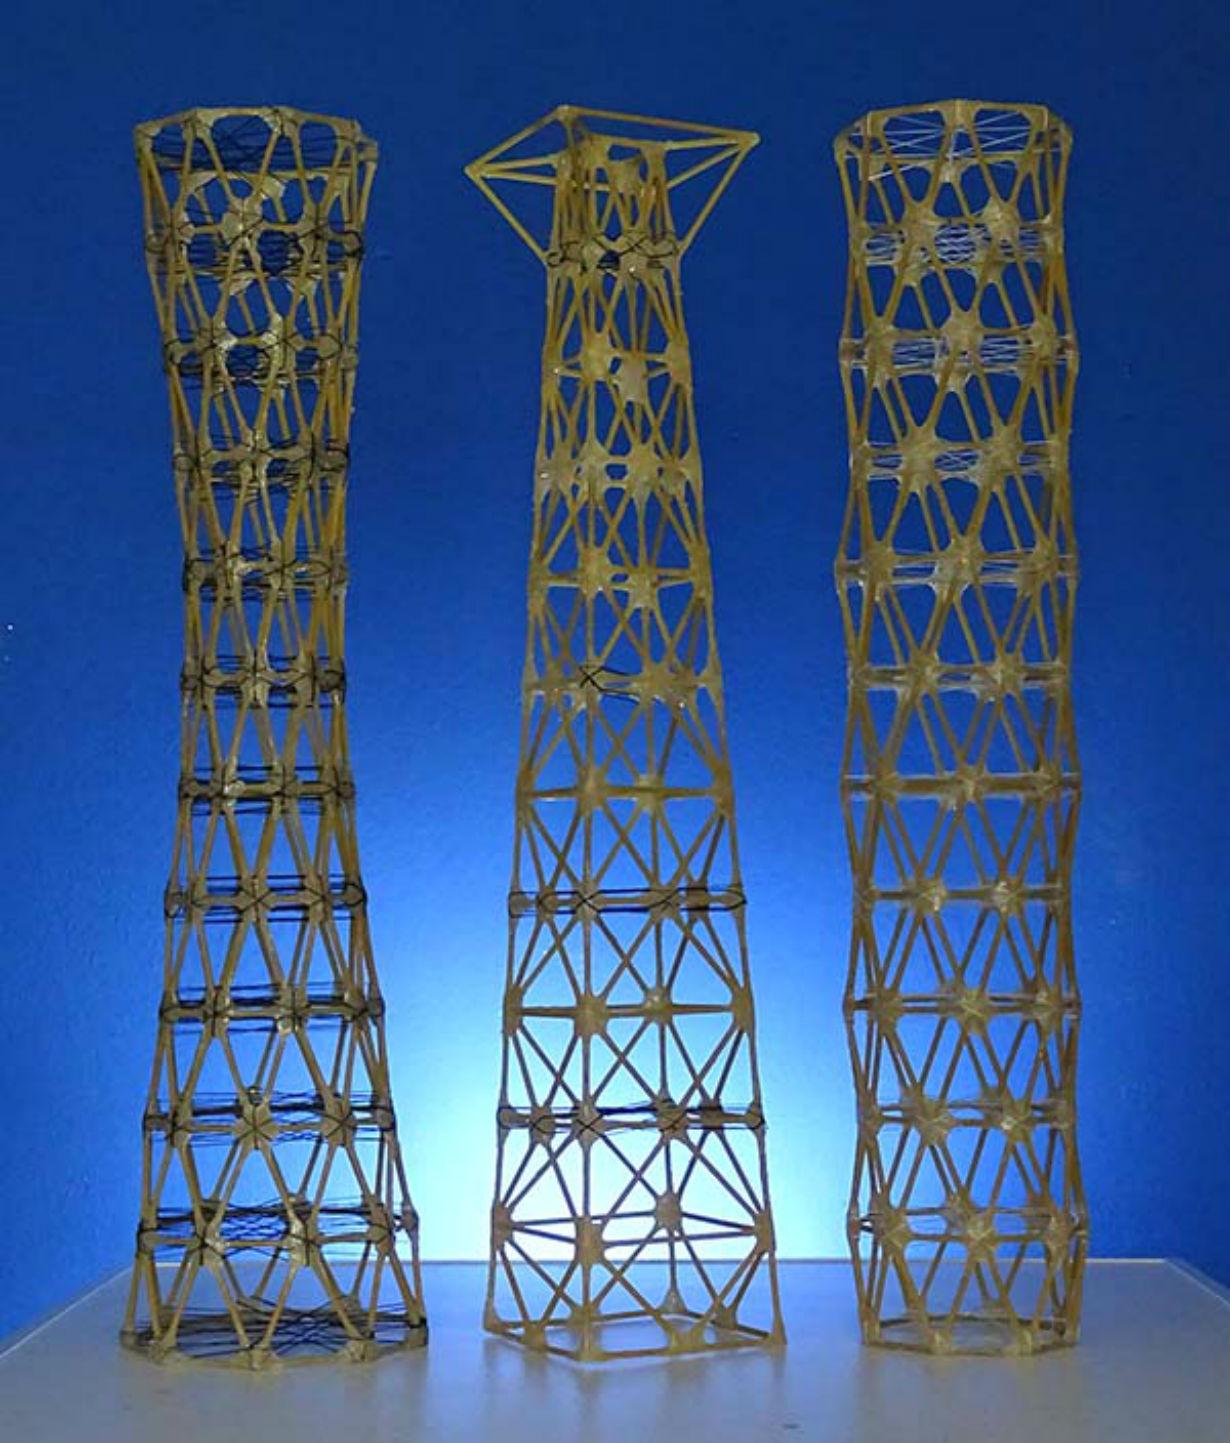 Las torres hechas por estudiantes de Ingeniería Civil de UTN Concordia.